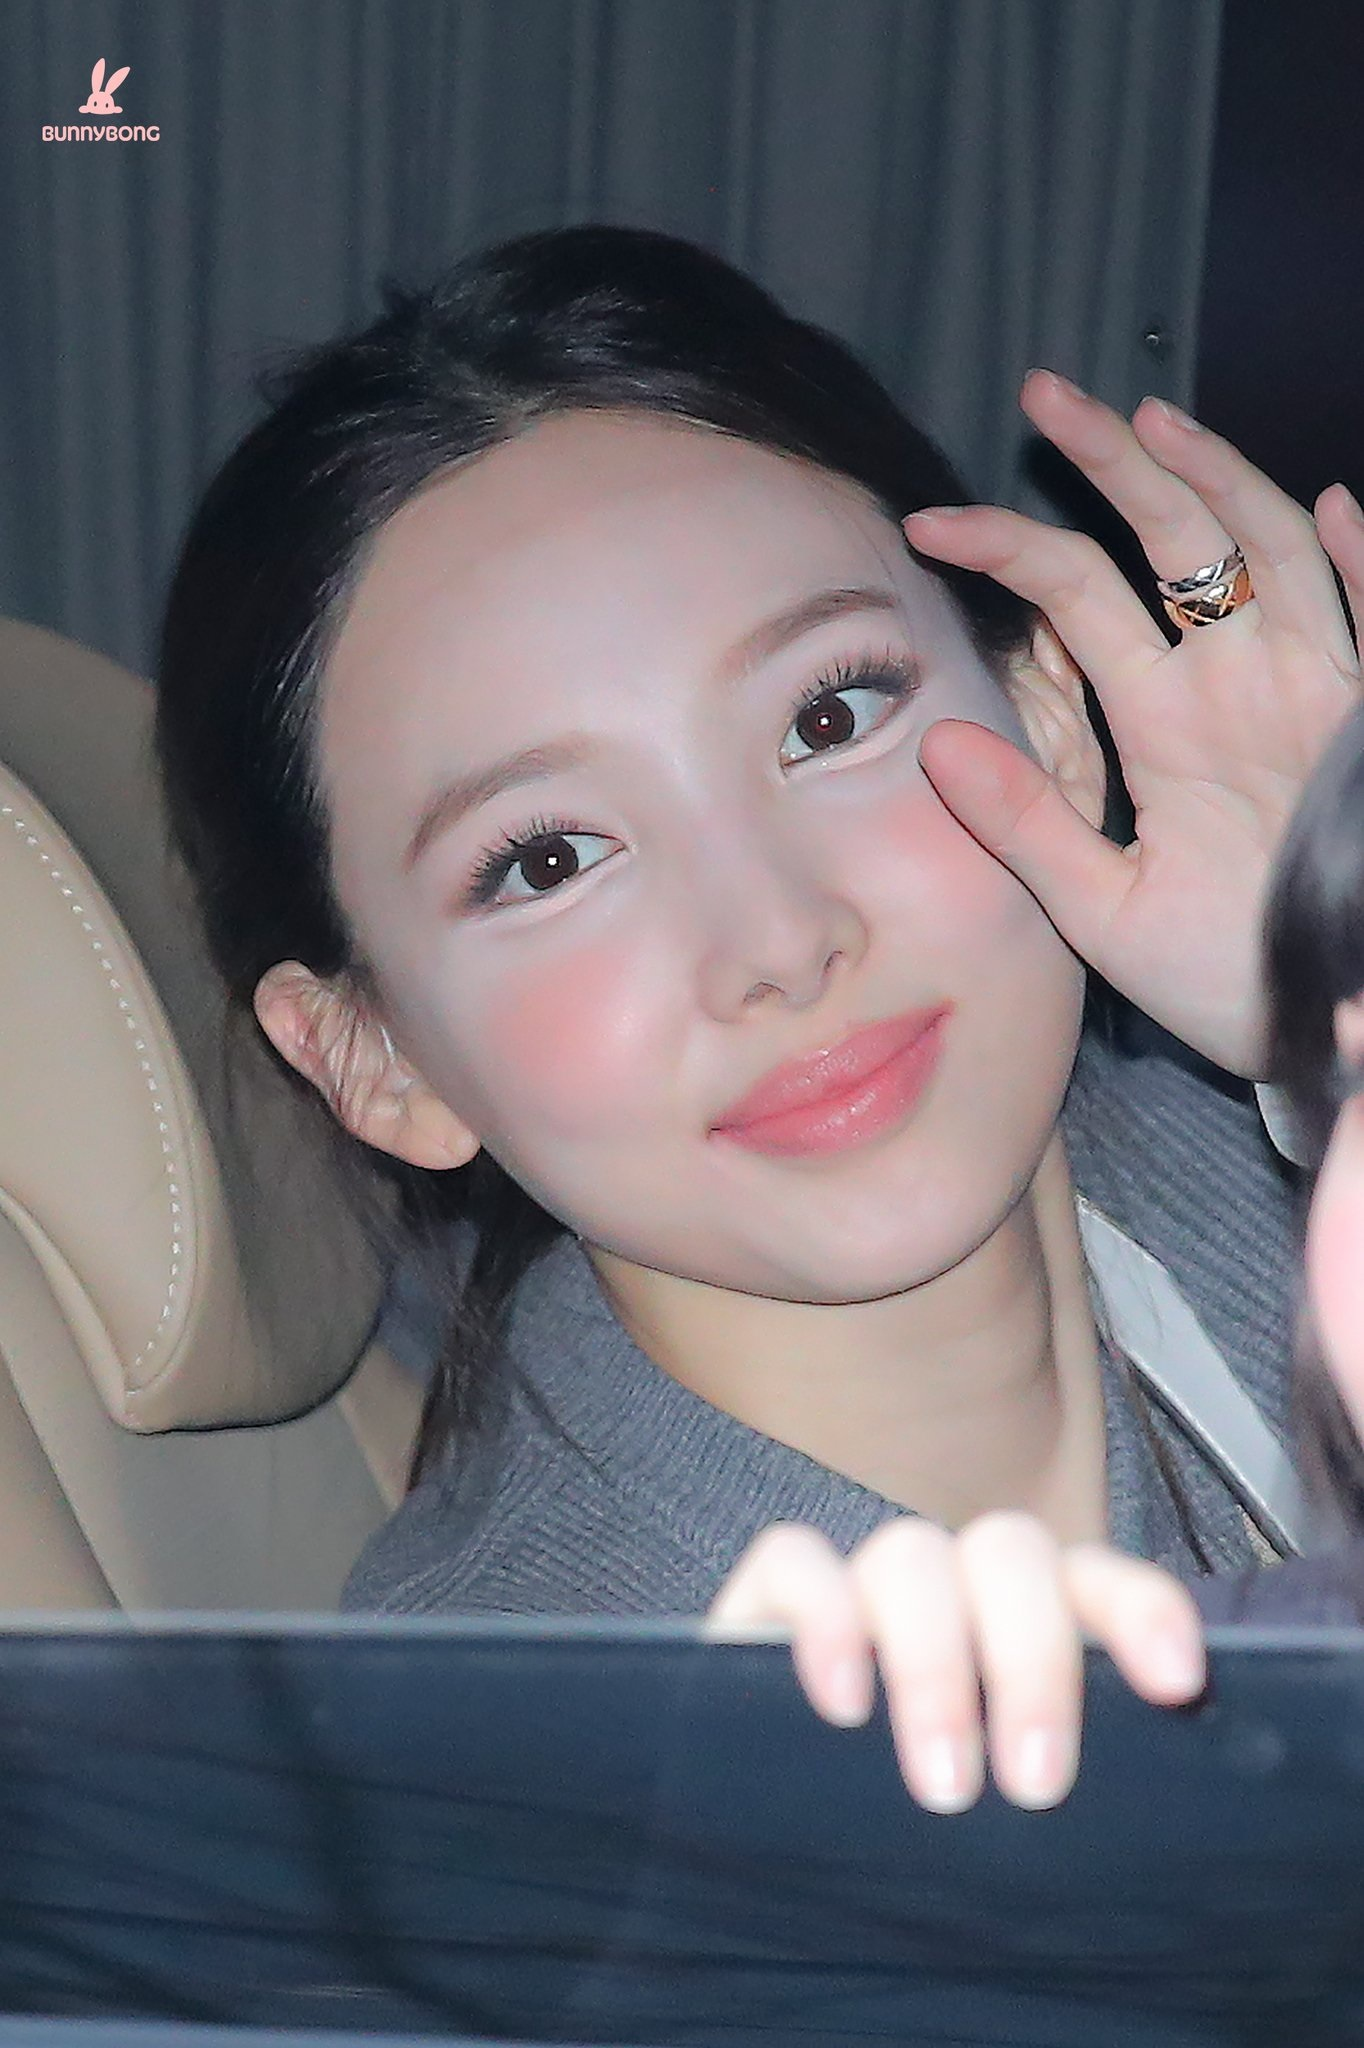 """Style makeup """"vạn người chê"""" của Twice biến idol từ xinh như mộng thành trò hề vì phấn son - Ảnh 3."""